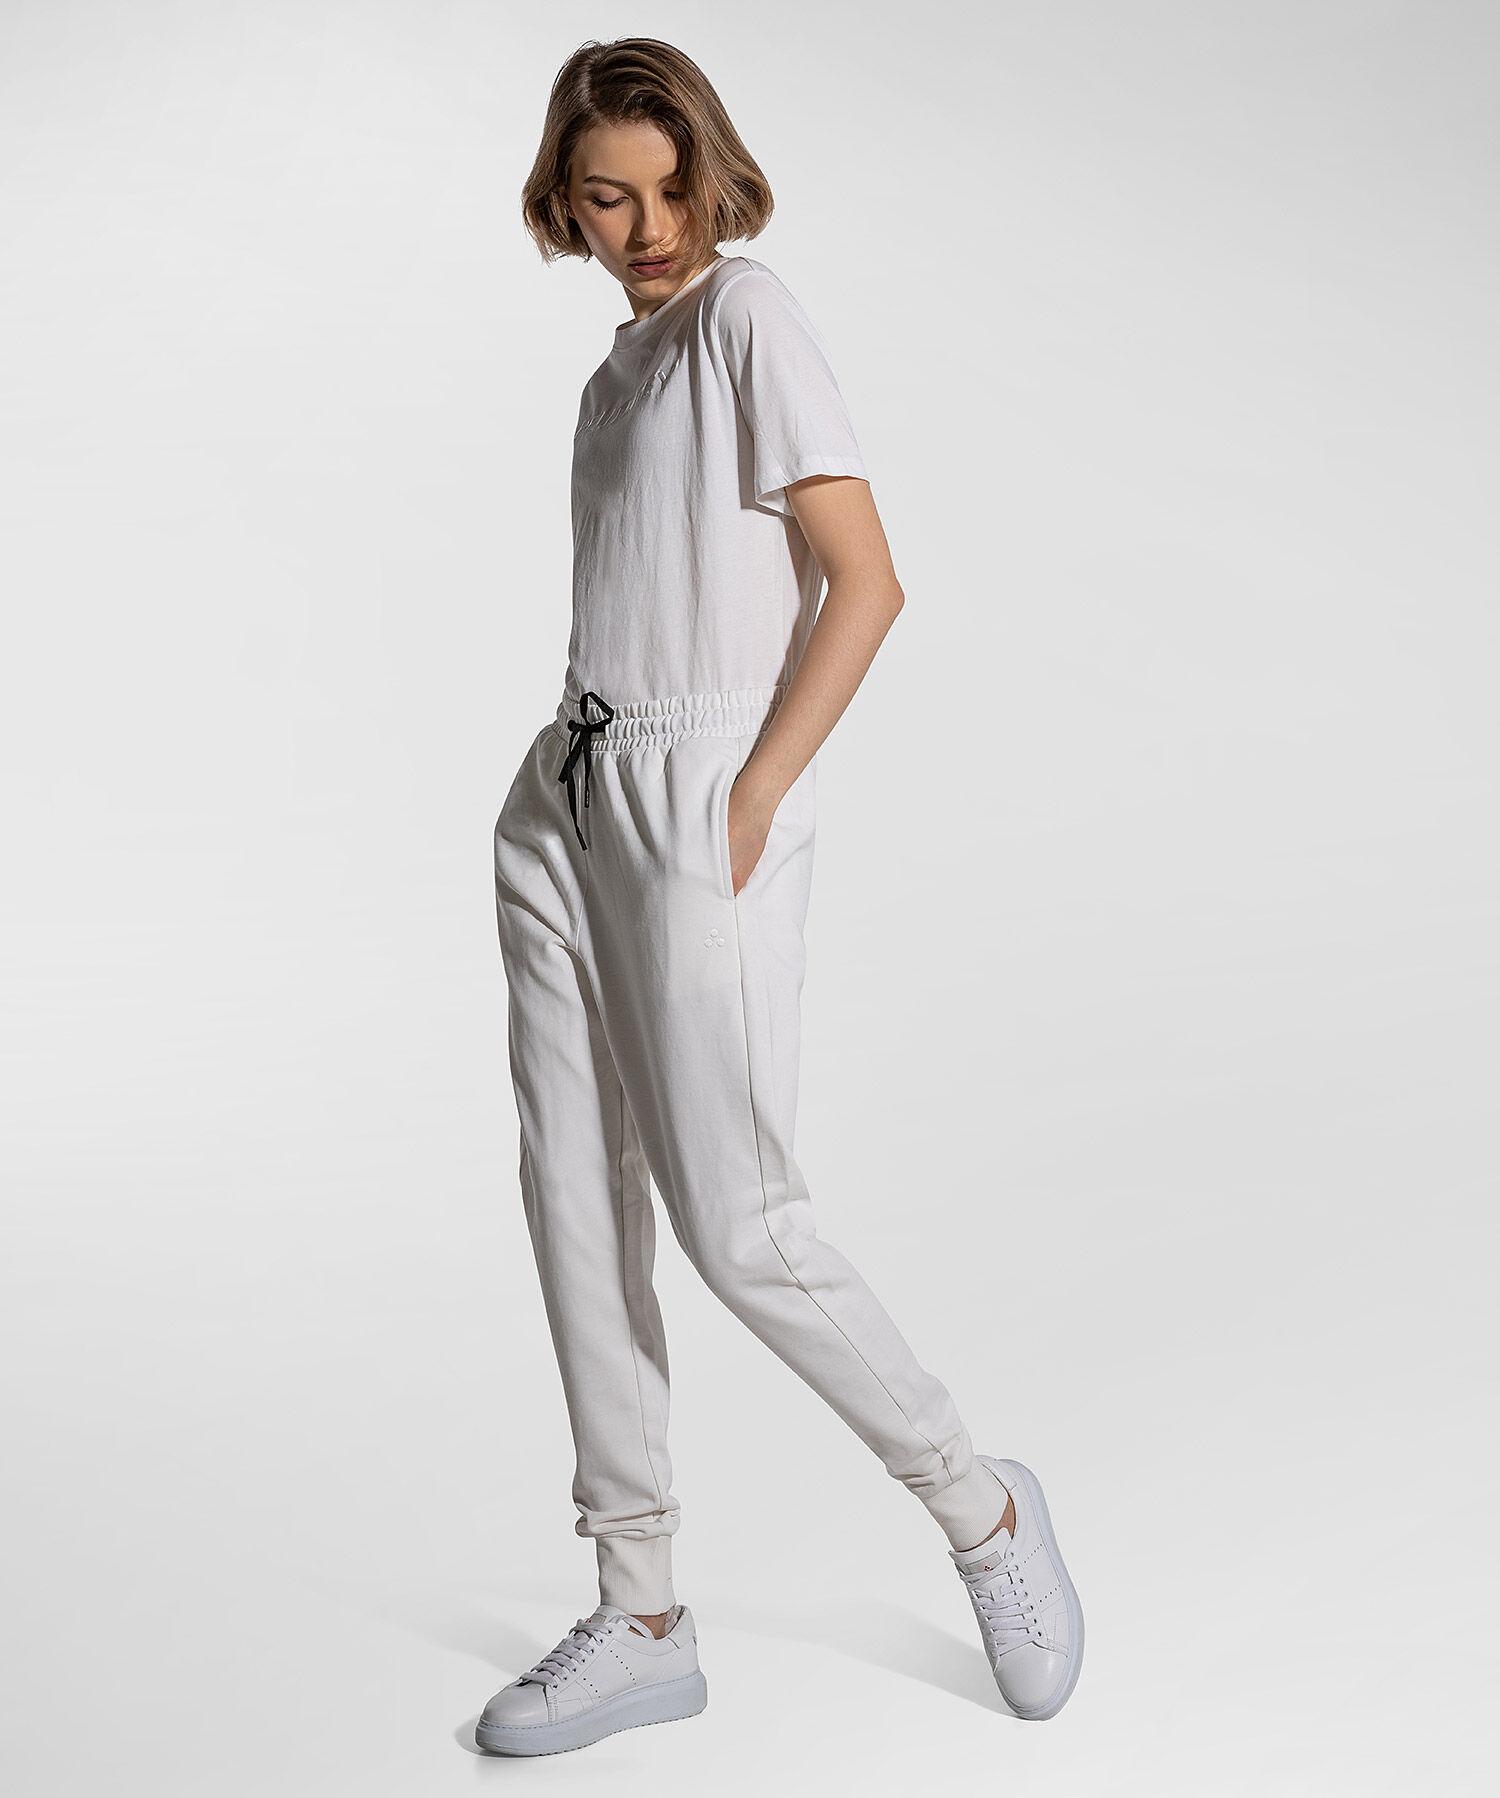 Pantalone Confortevoli In Felpa - Peuterey